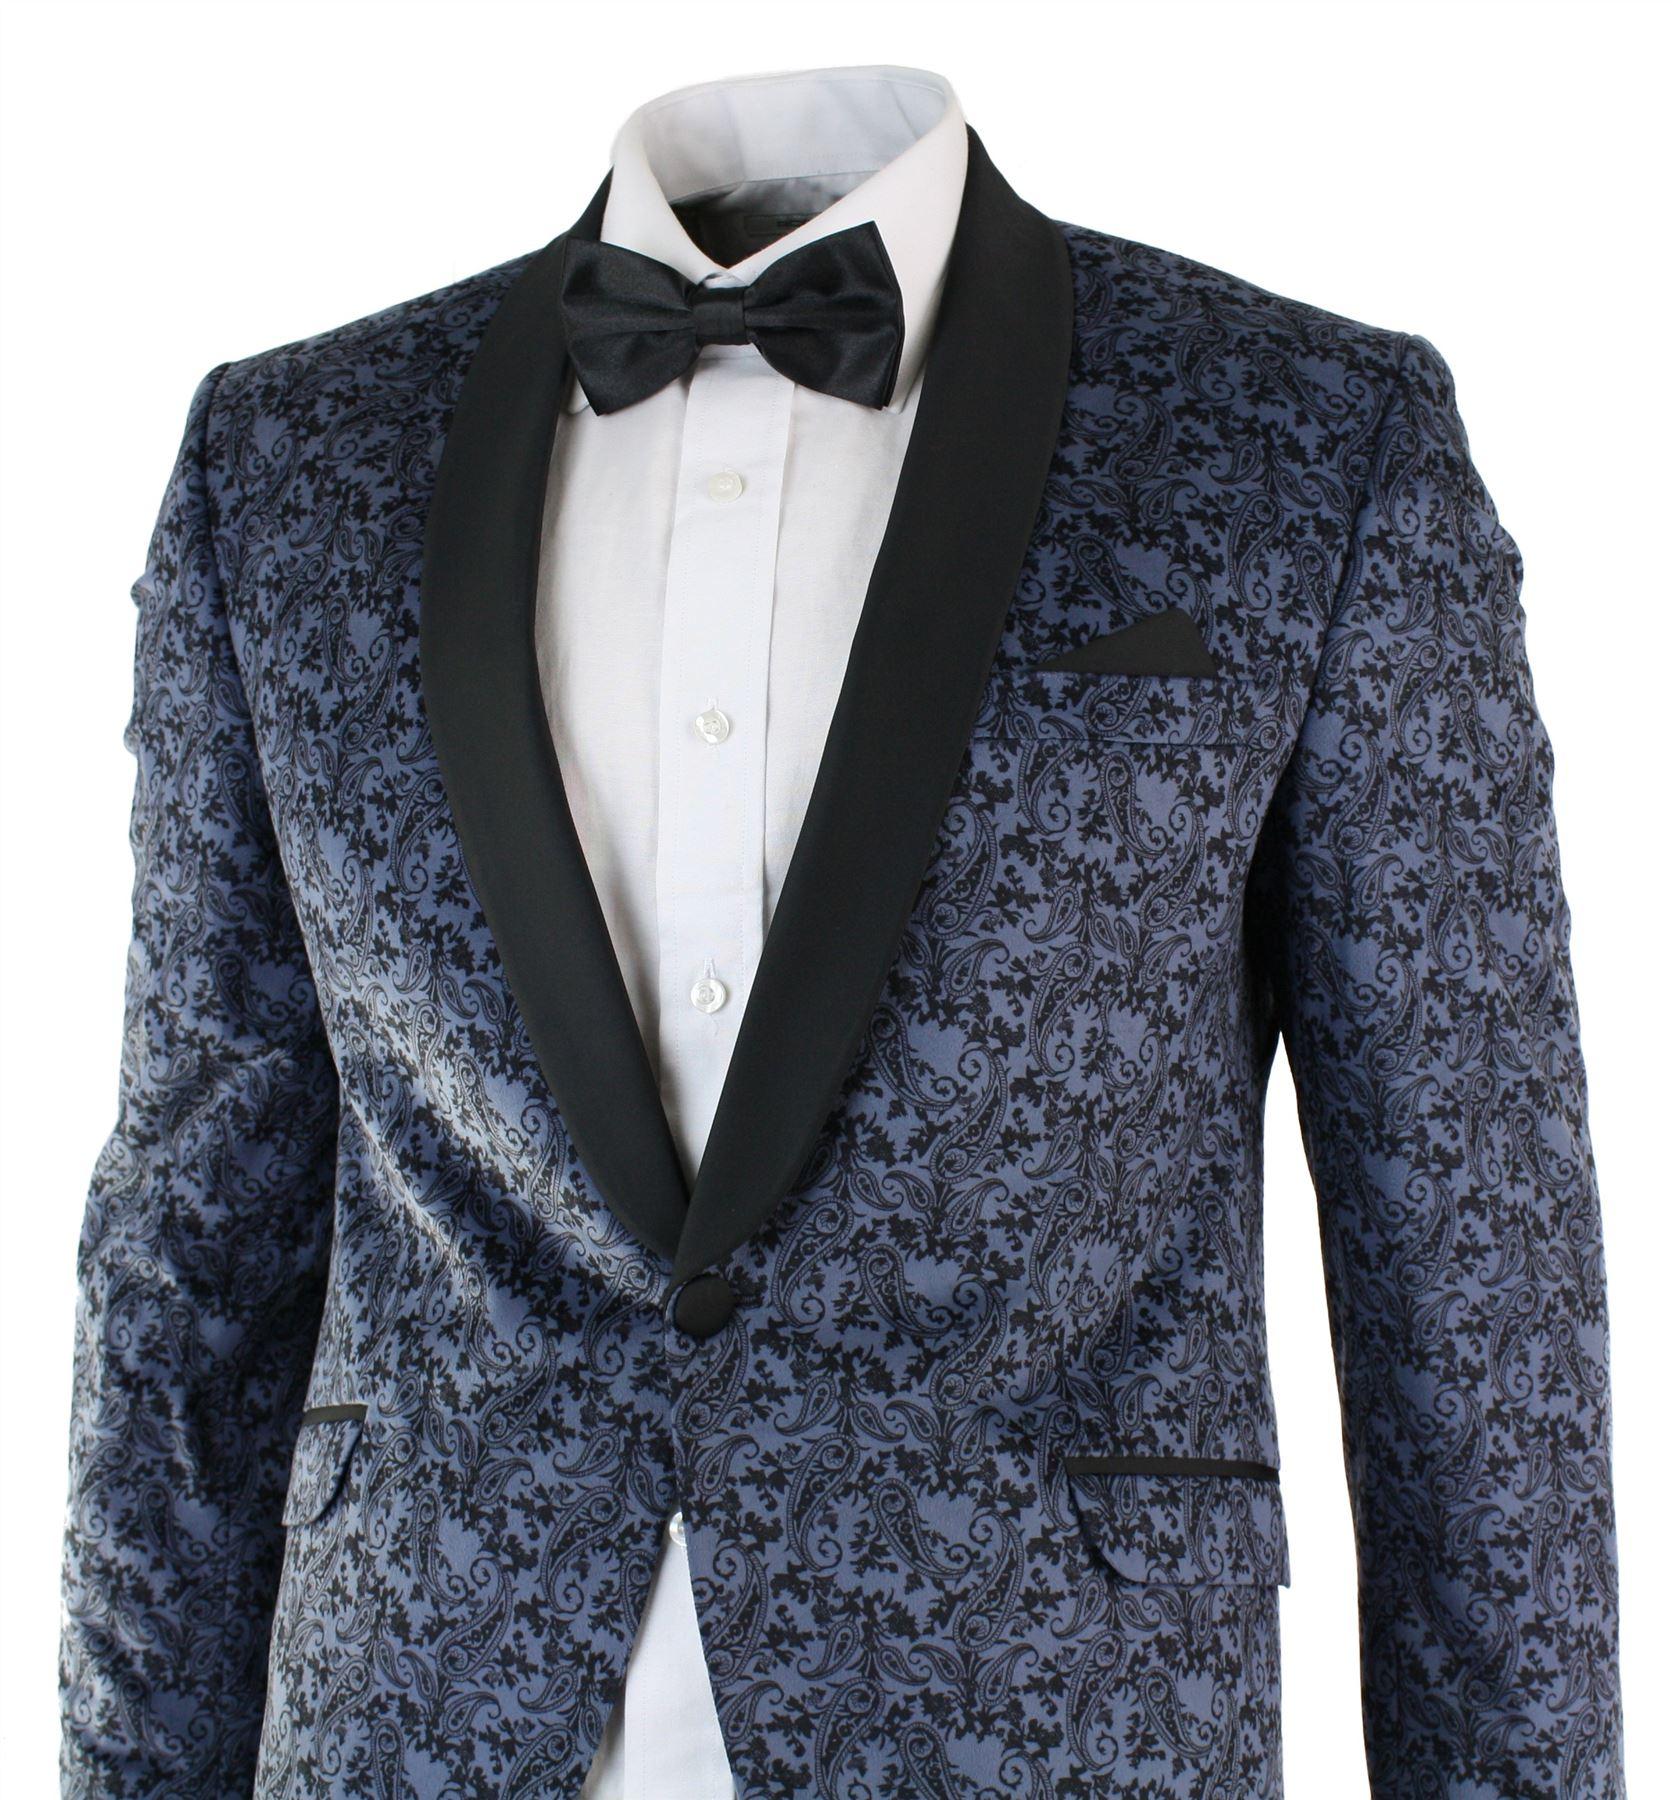 Mens jacket marks and spencer - Mens Slim Fit Velvet Paisley Blazer Trouser Tuxedo Dinner Suit Light Blue Black